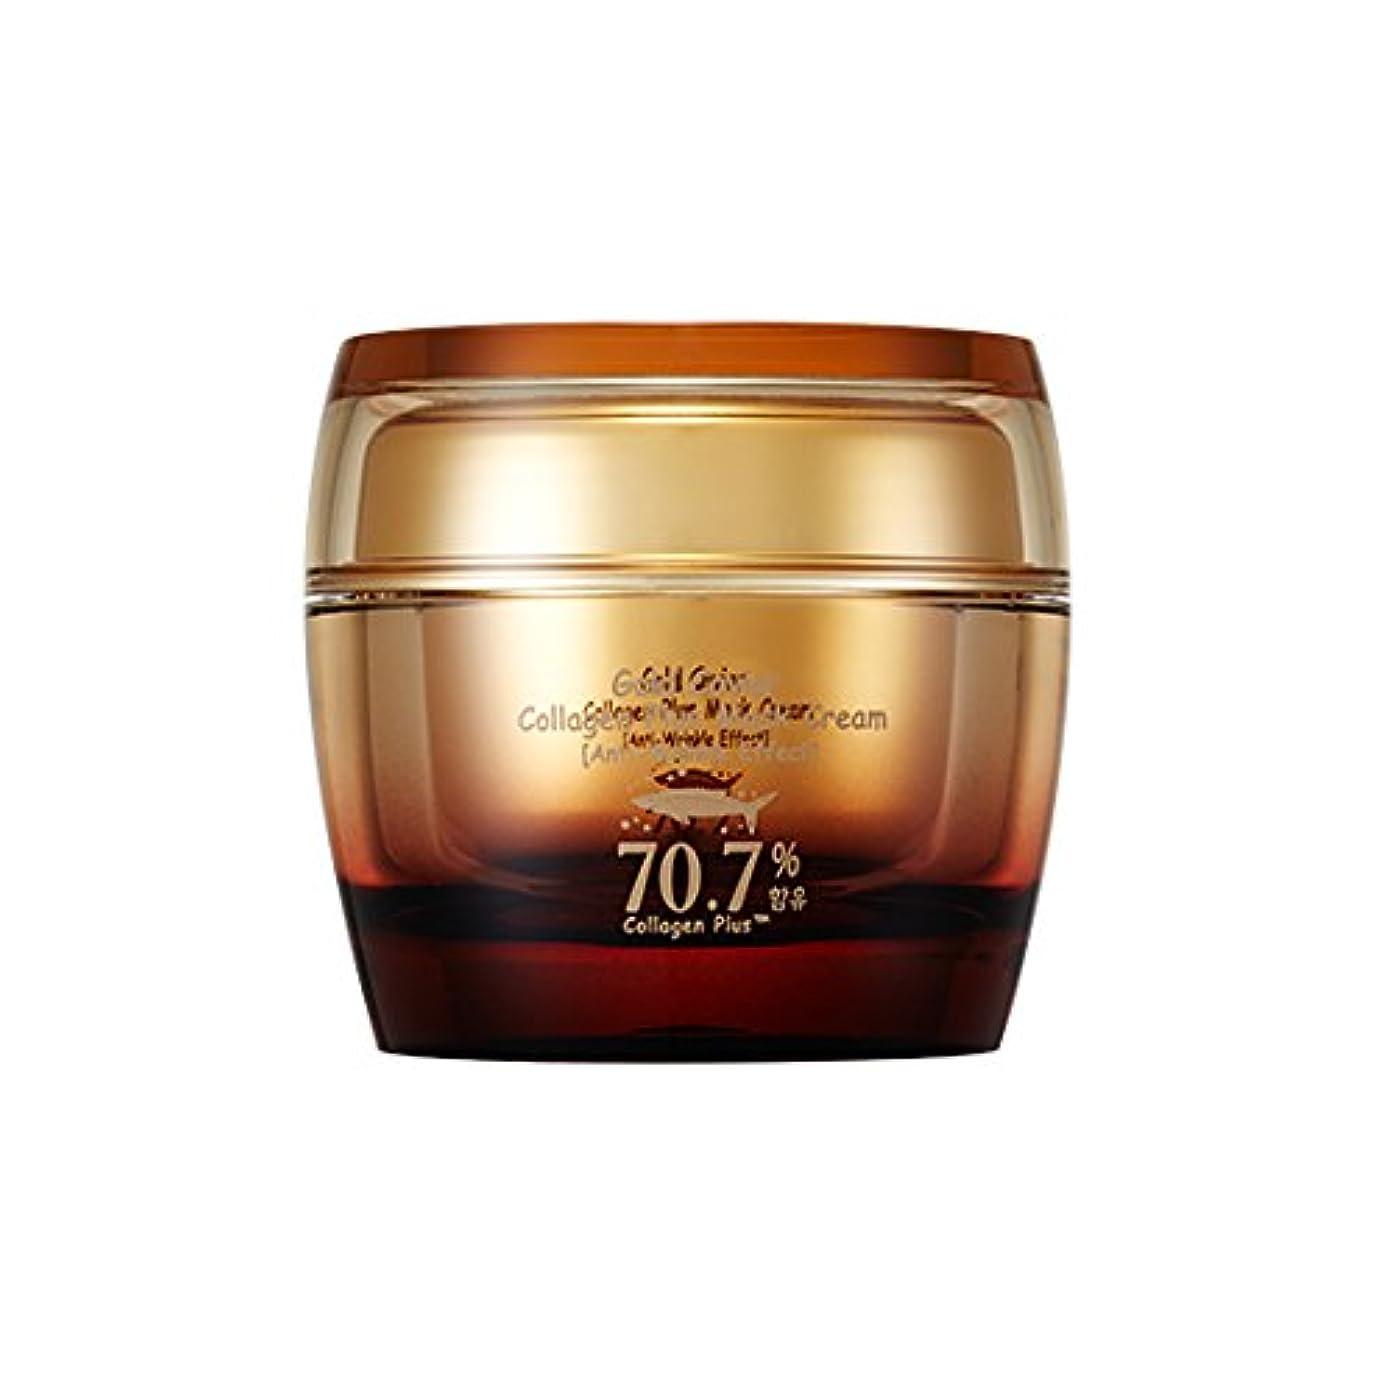 珍味誤って北極圏Skinfood ゴールドキャビアコラーゲンプラスクリーム(しわ防止効果) / Gold Caviar Collagen Plus Cream (Anti-Wrinkle Effect) 50g [並行輸入品]